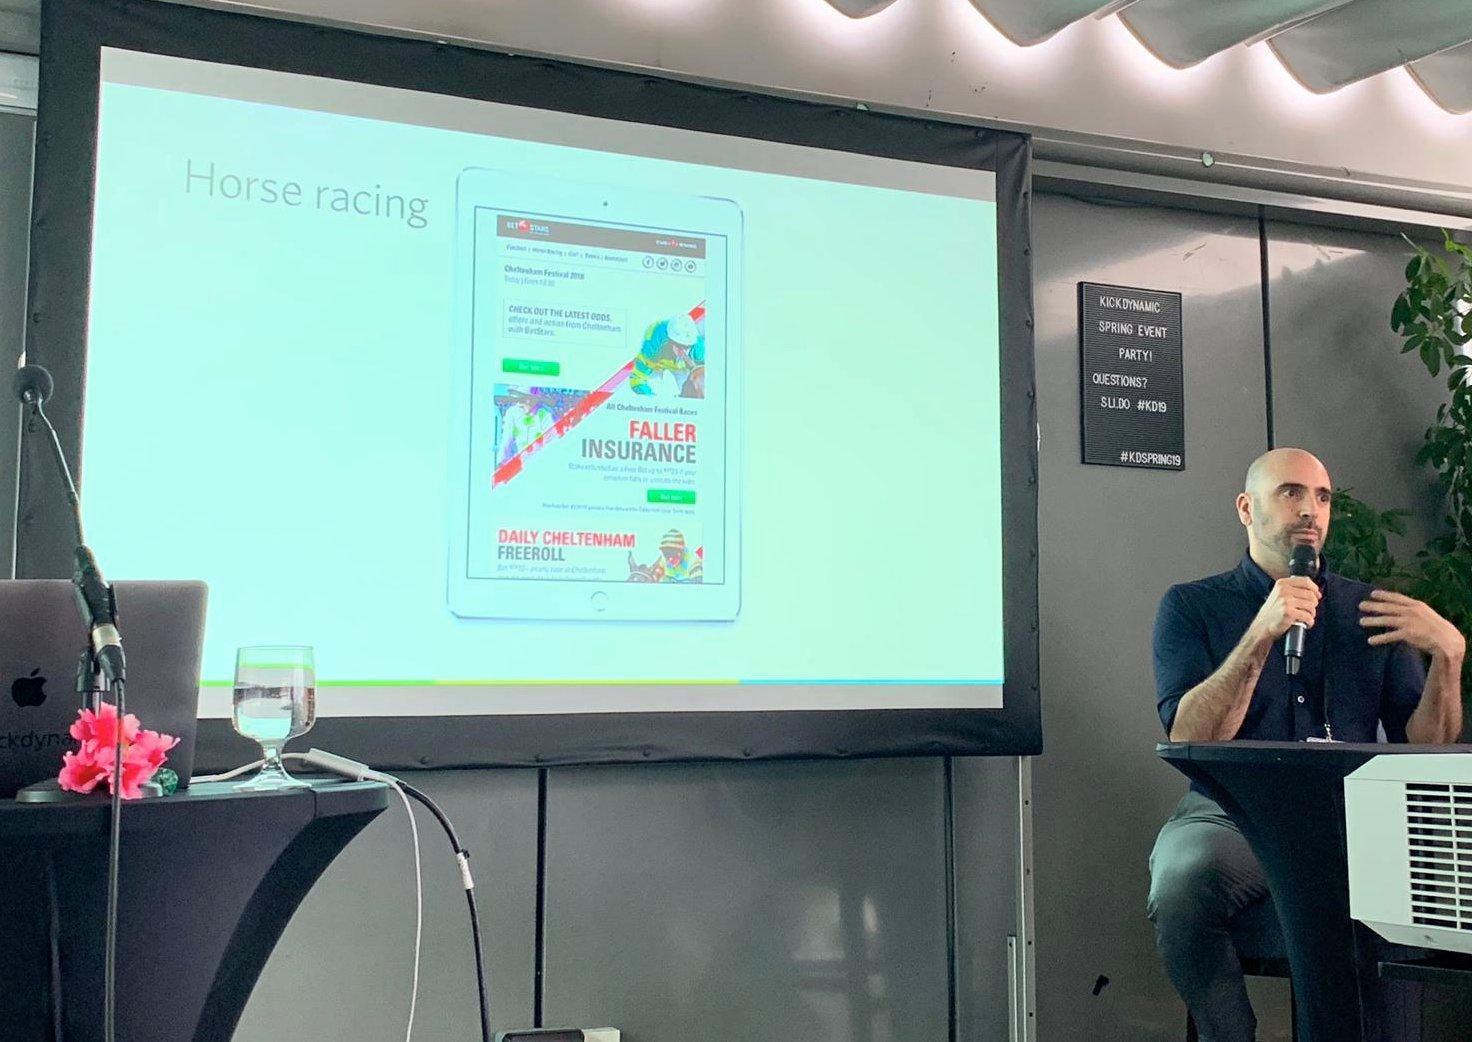 Zack Lasry Stars Group presentation